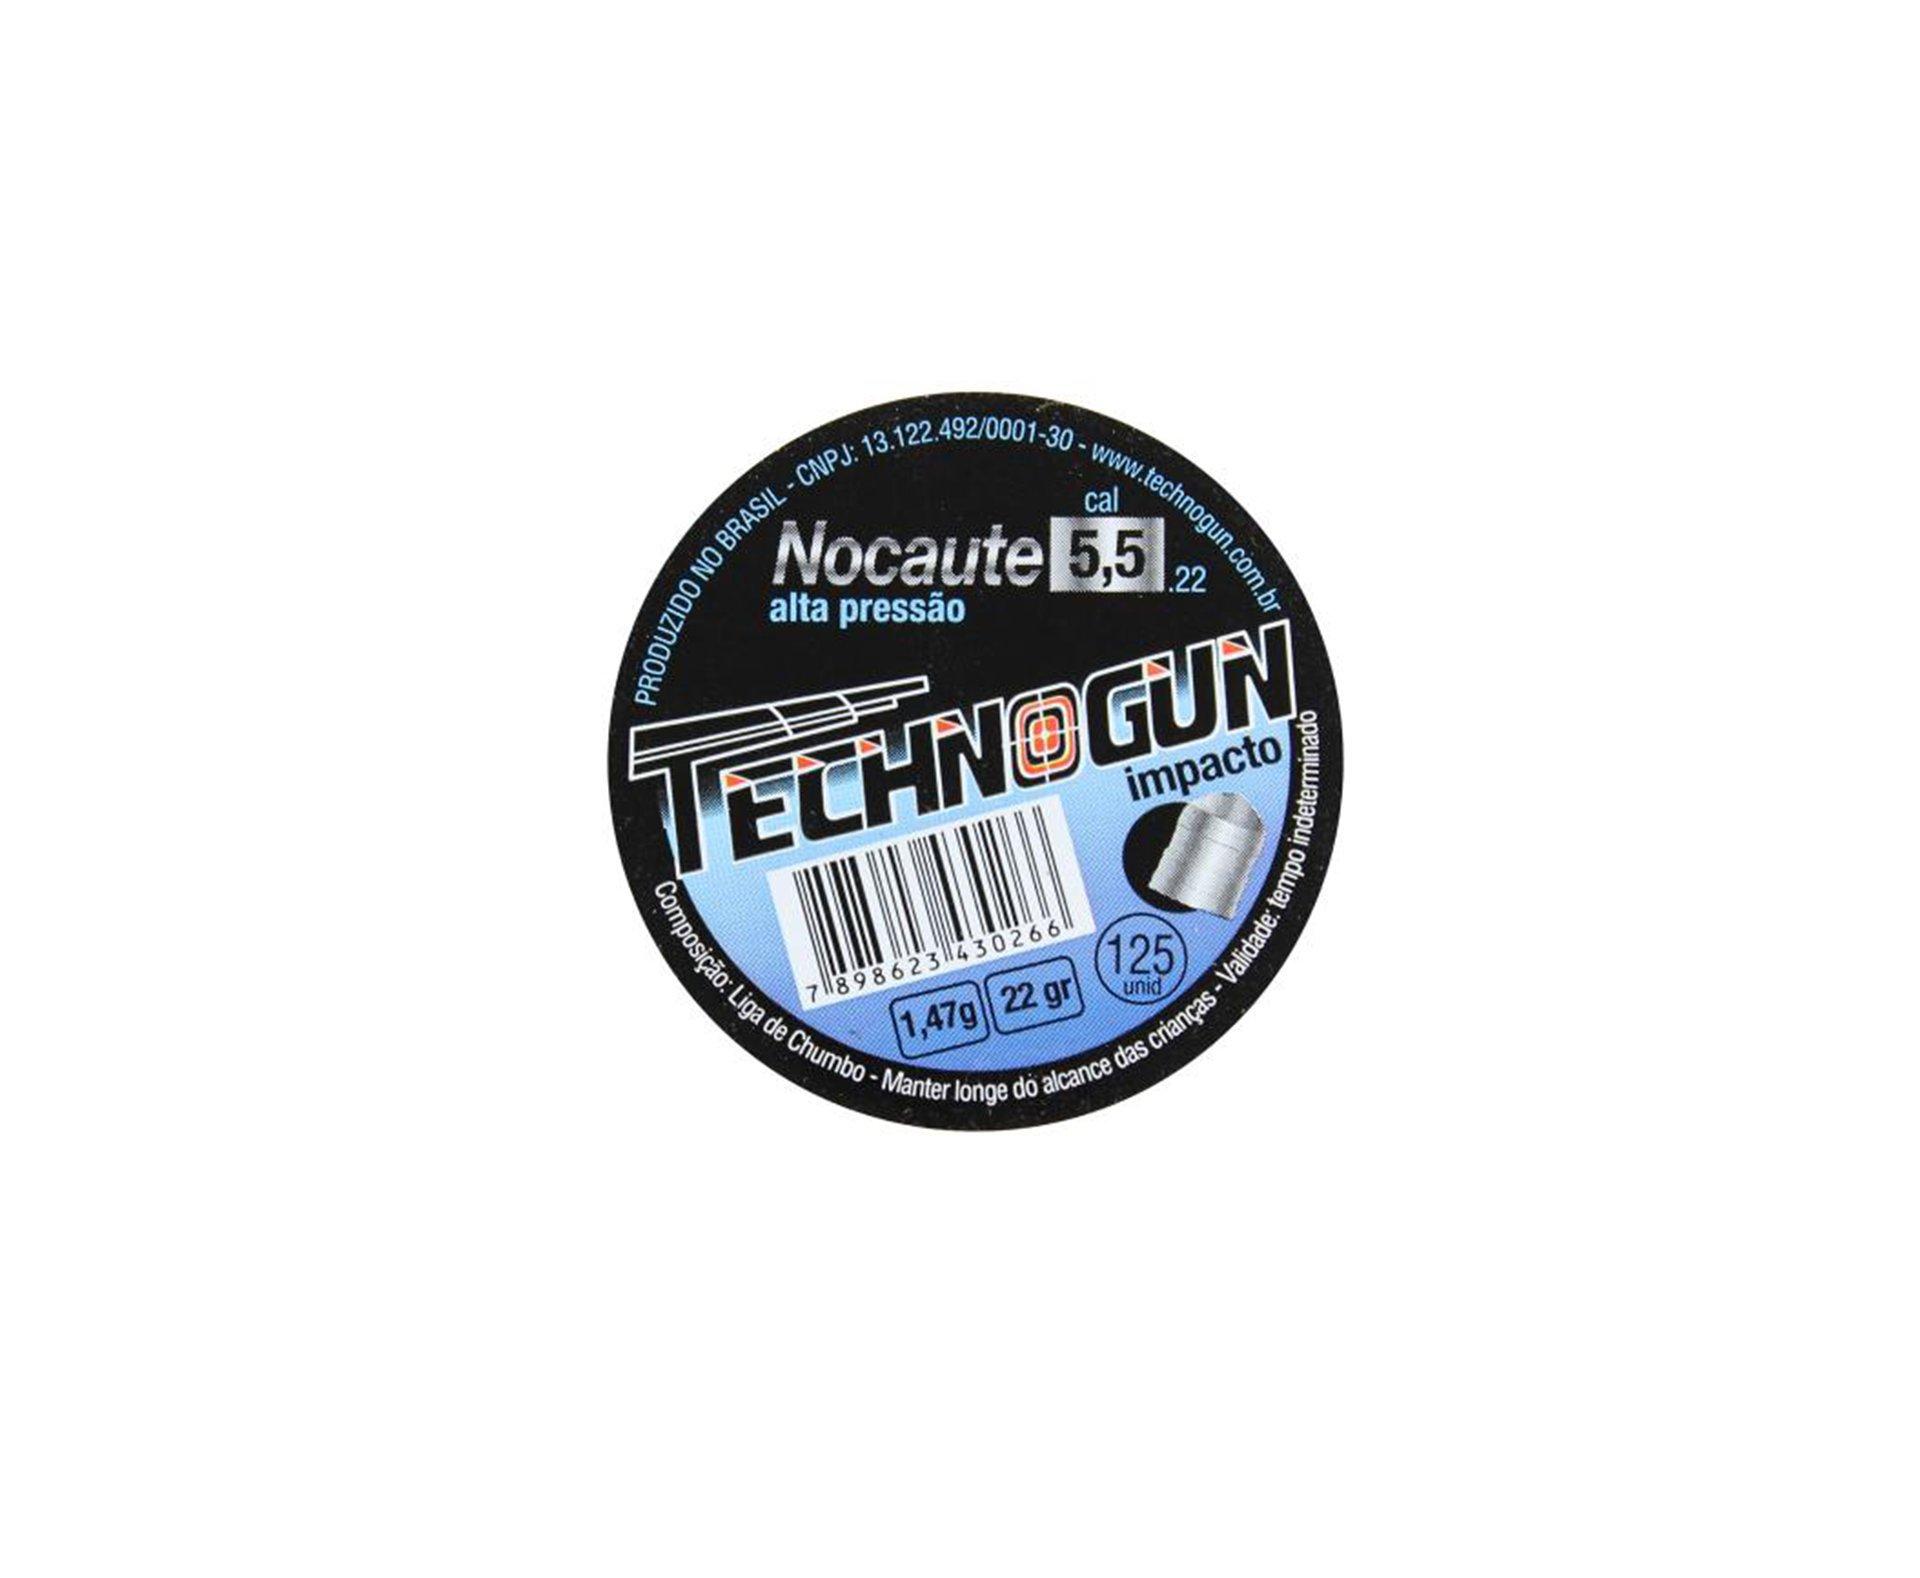 Chumbinho Technogun Nocaute Destruição 5,5mm Com 125uni